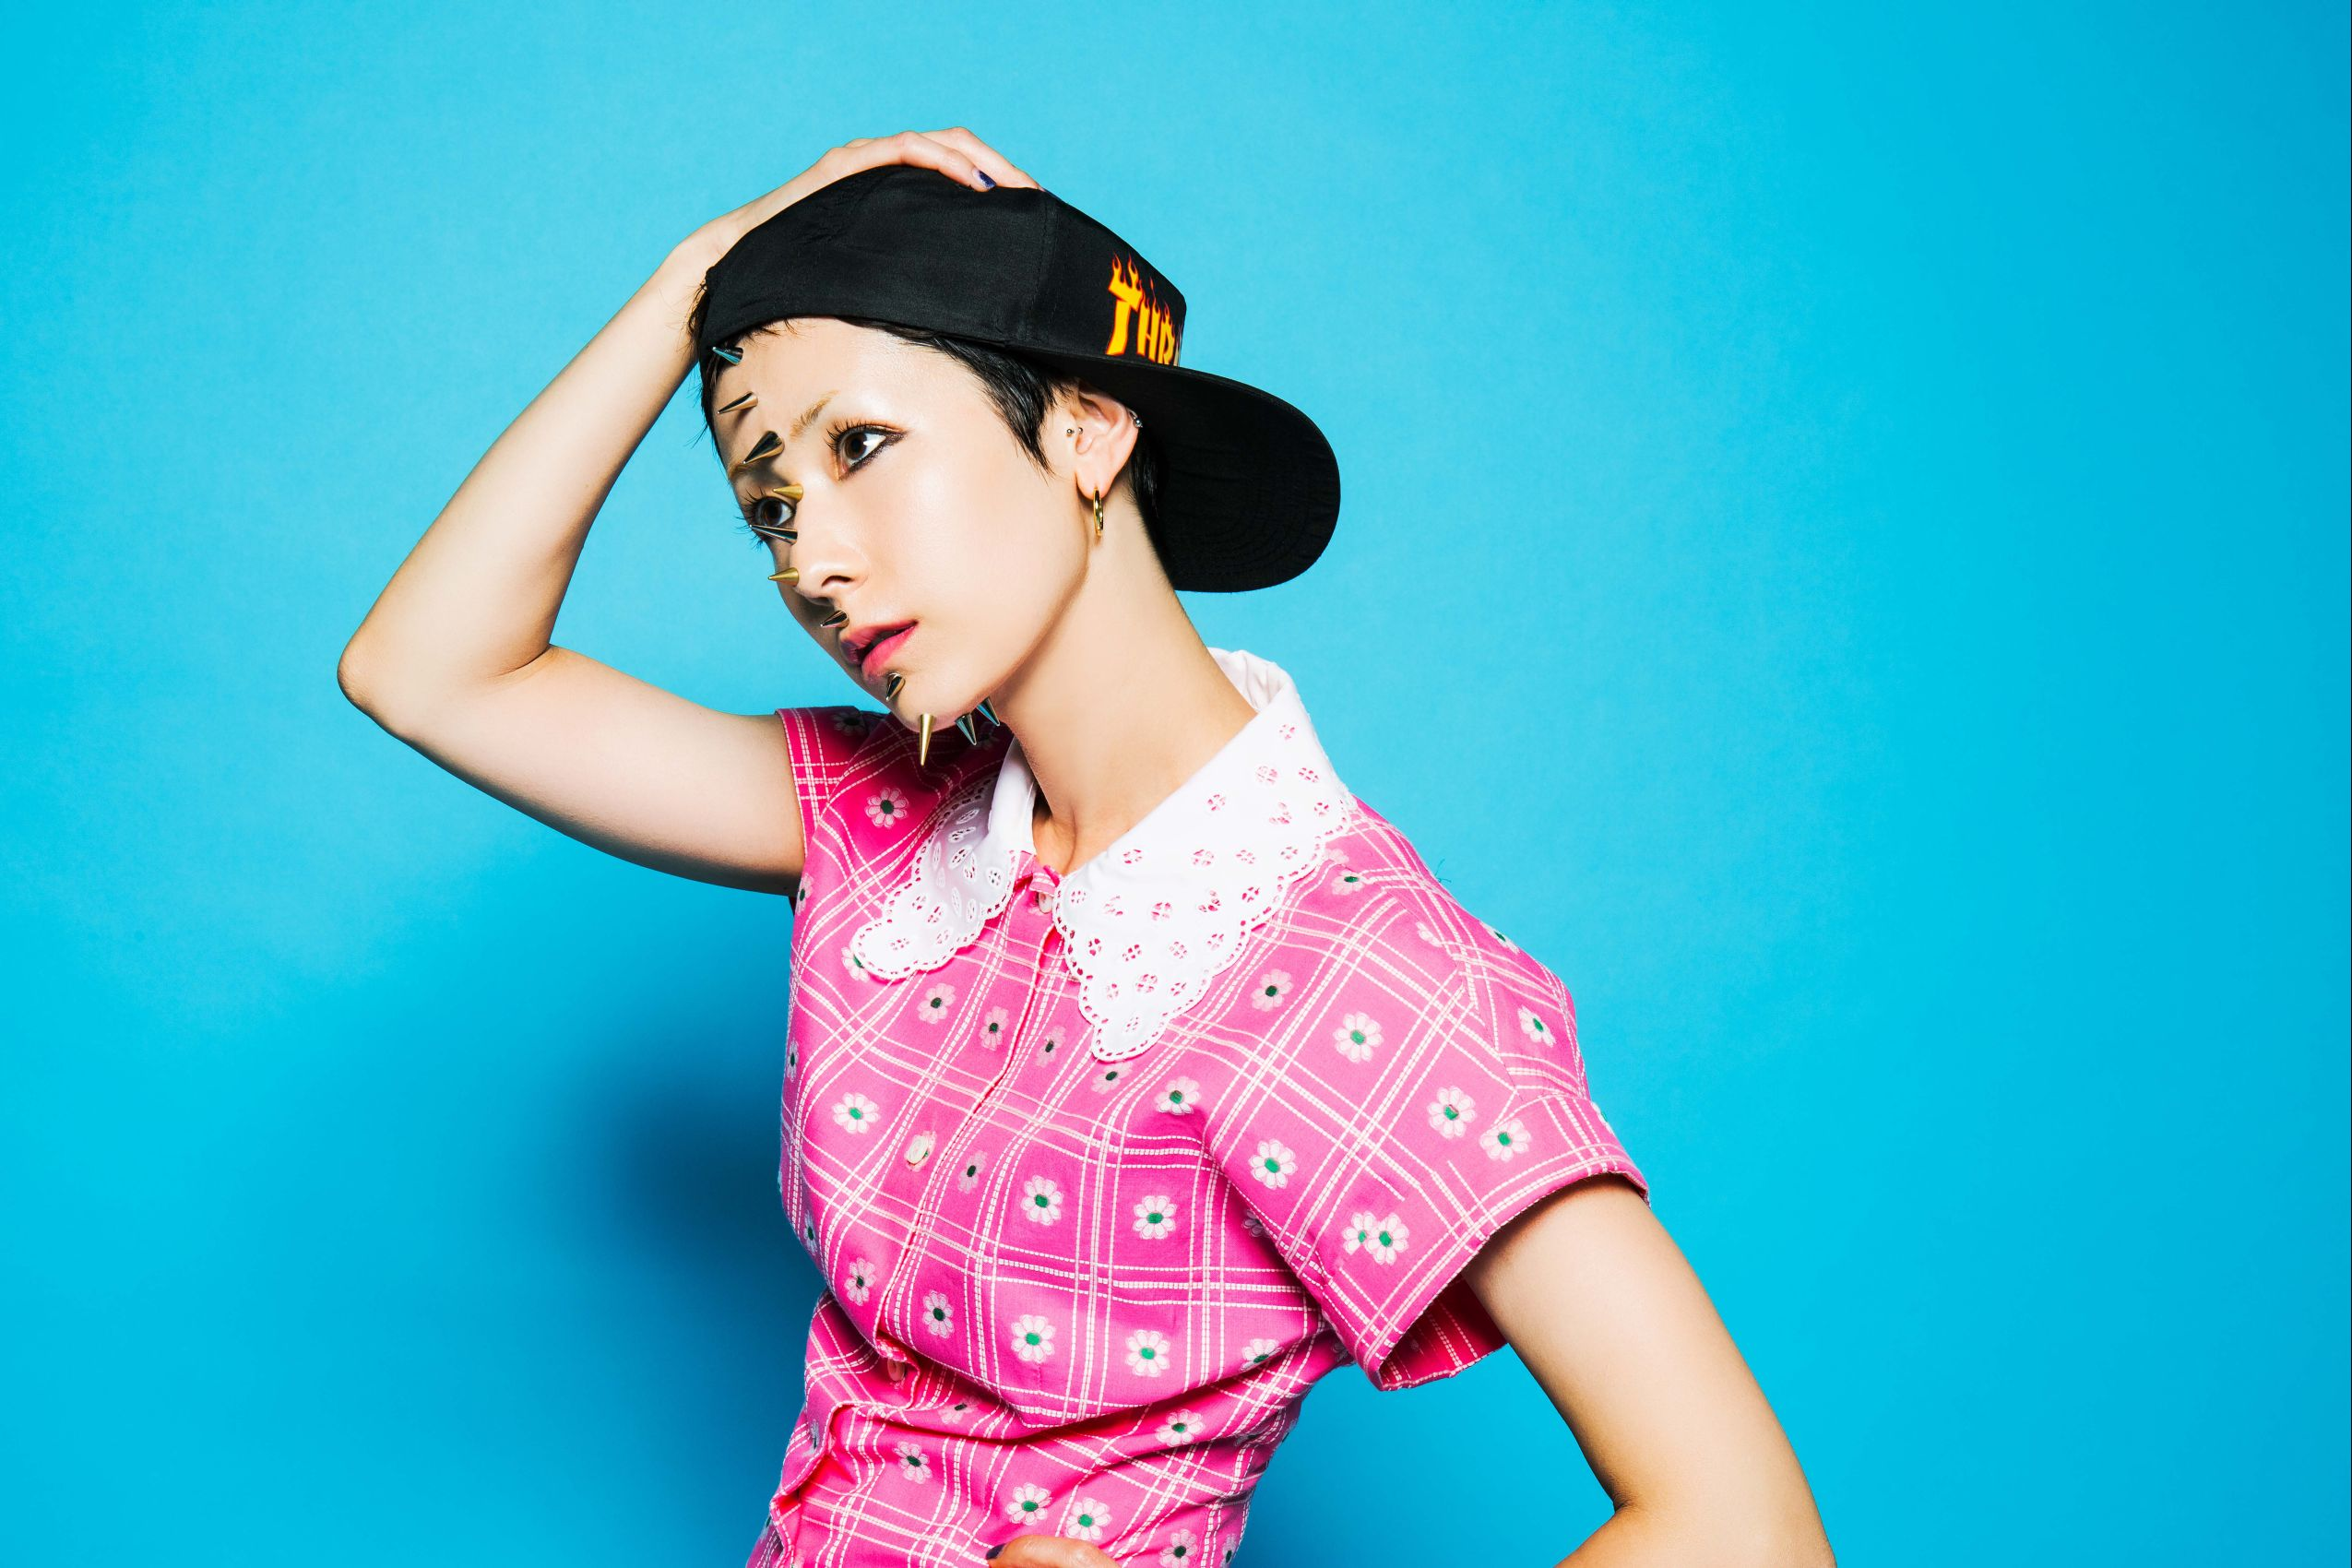 木村カエラ、ニューアルバム『PUNKY』に岸田 繁(くるり)ら豪華ミュージシャンが楽曲提供